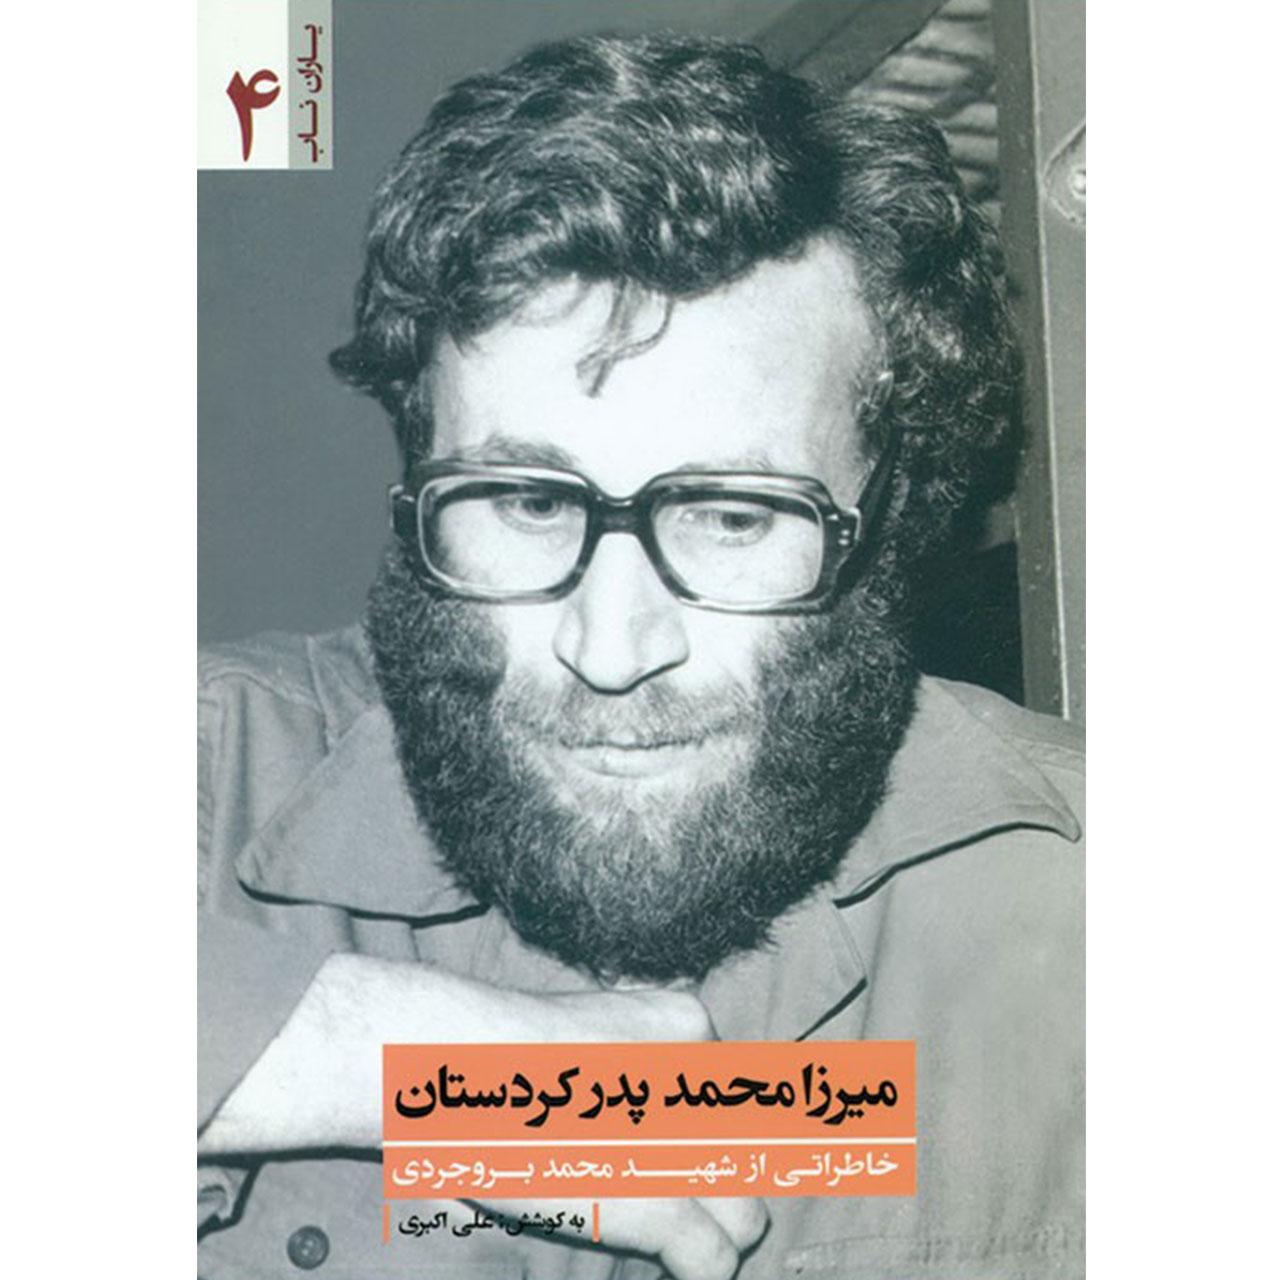 خرید                      کتاب میرزا محمد پدر کردستان: خاطراتی از شهید محمد بروجردی - اثر علی اکبری مزدآبادی